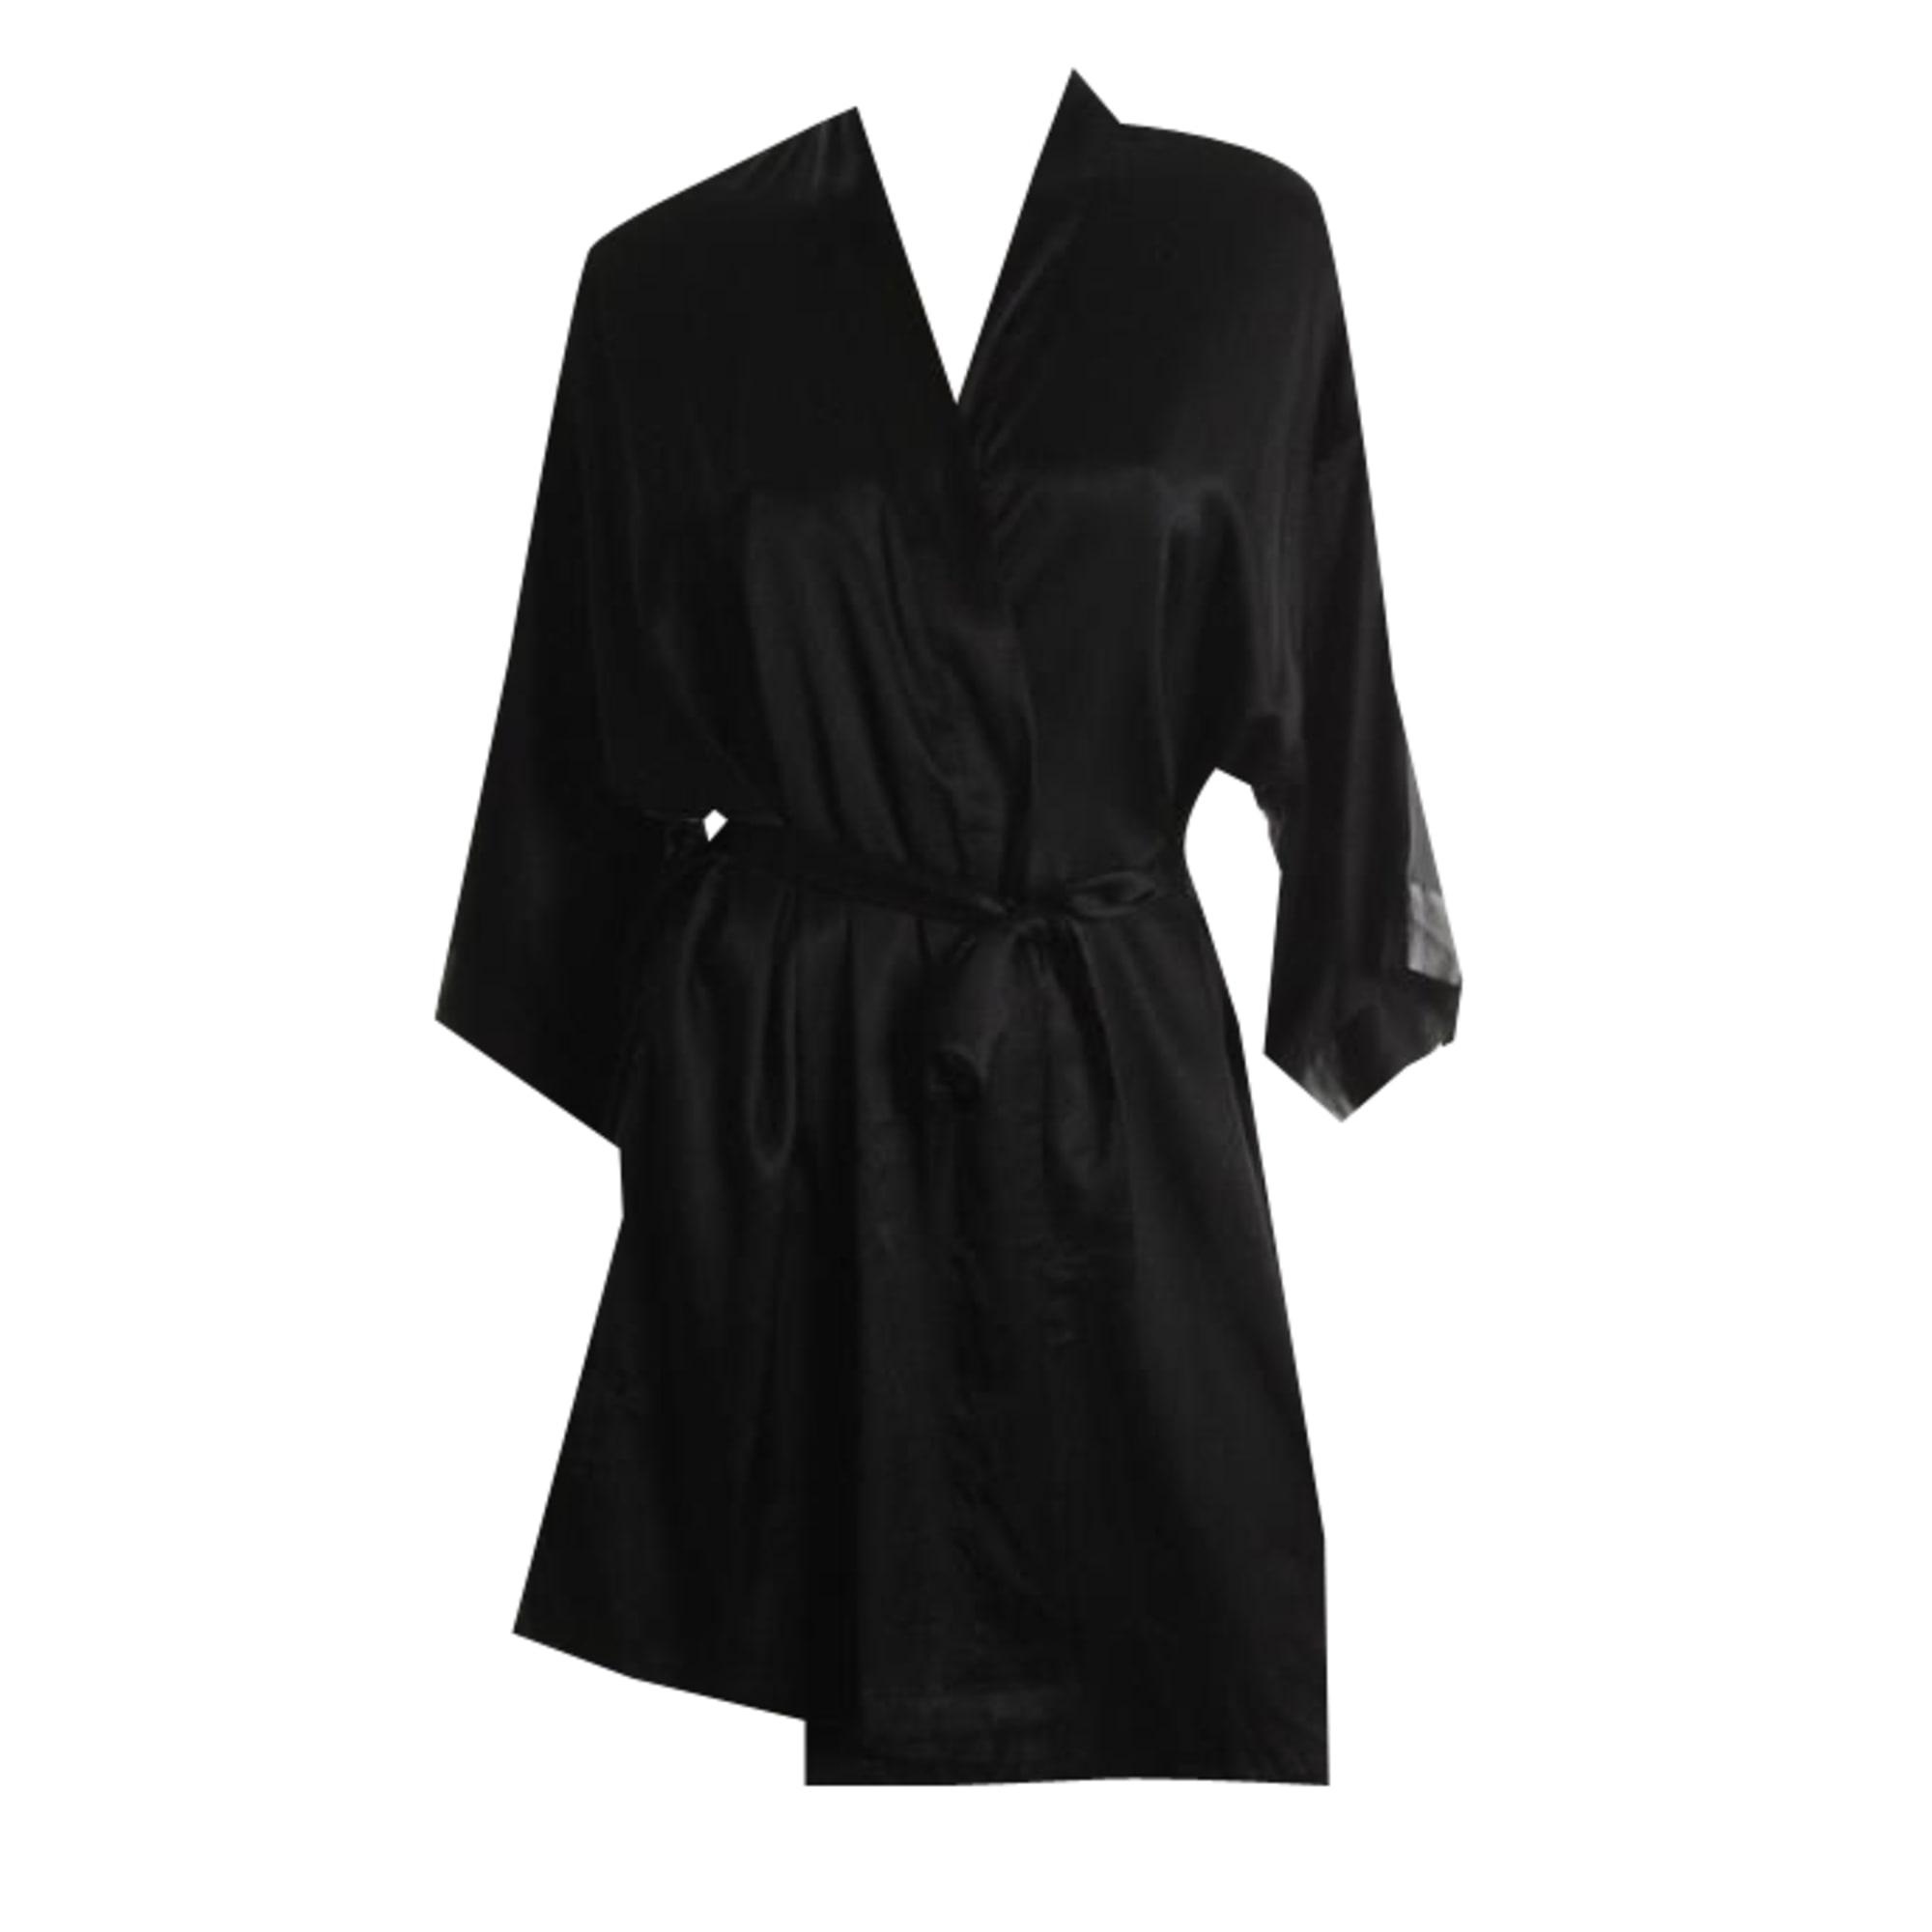 Dressing Gown VICTORIA'S SECRET 36 (S, T1) black - 1262118